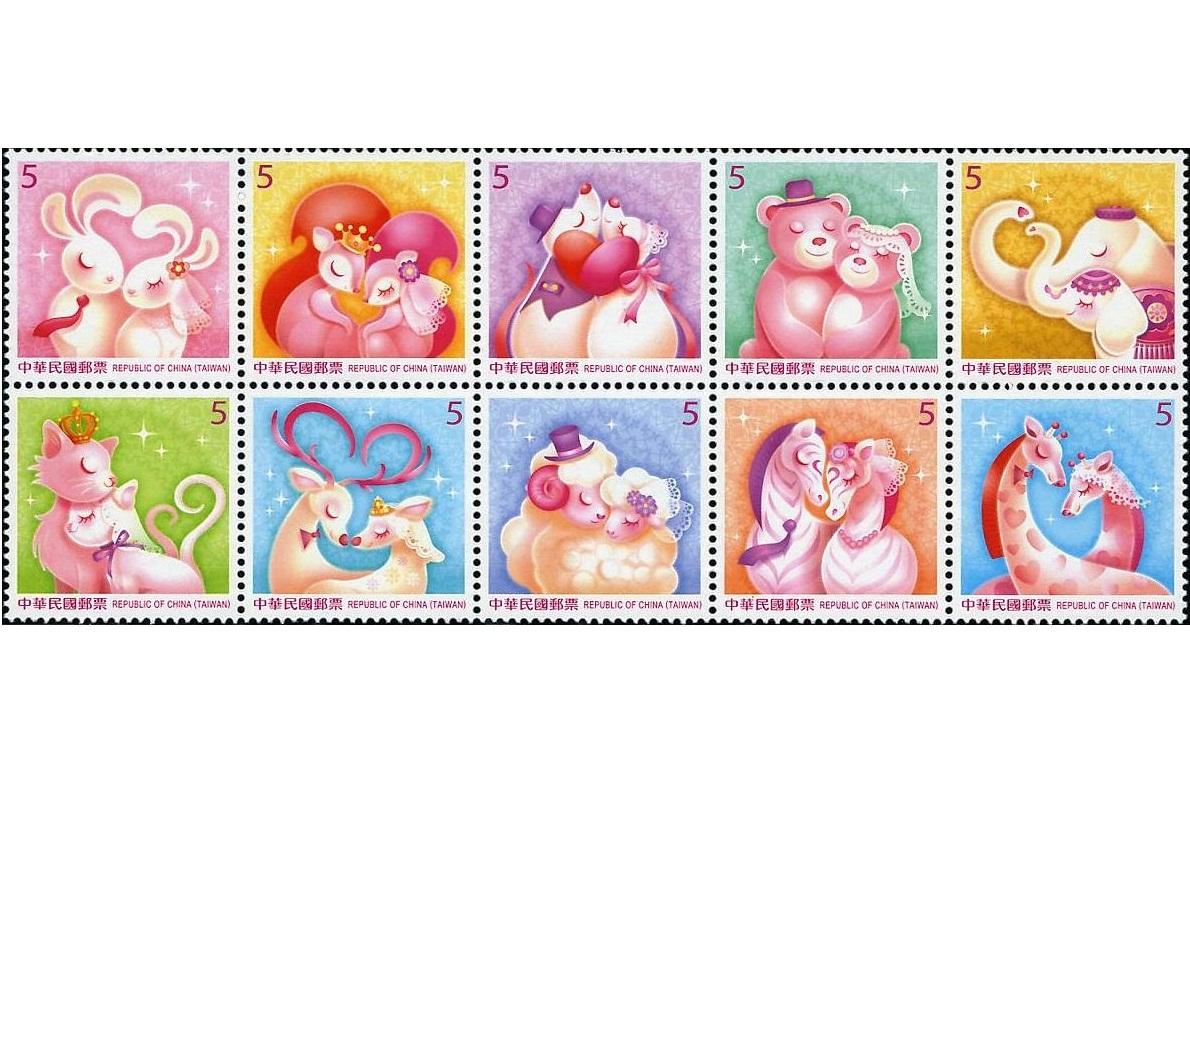 祝福郵票(續) 5元連刷套票